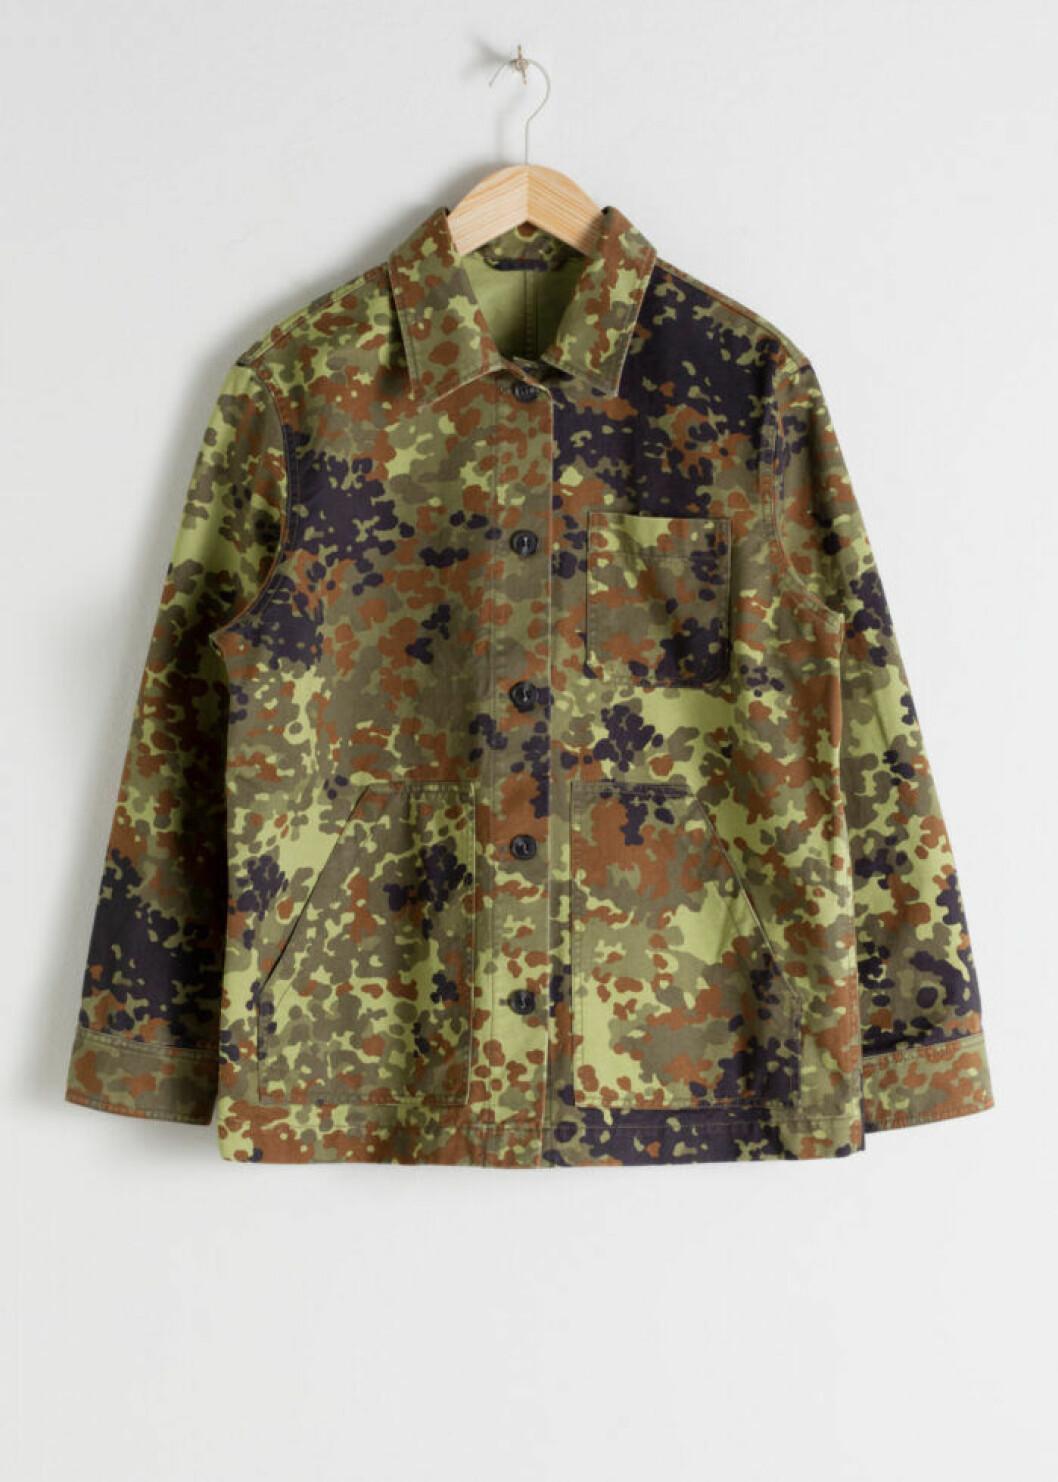 Kamouflagemönstrad bomullsjacka i rak modell